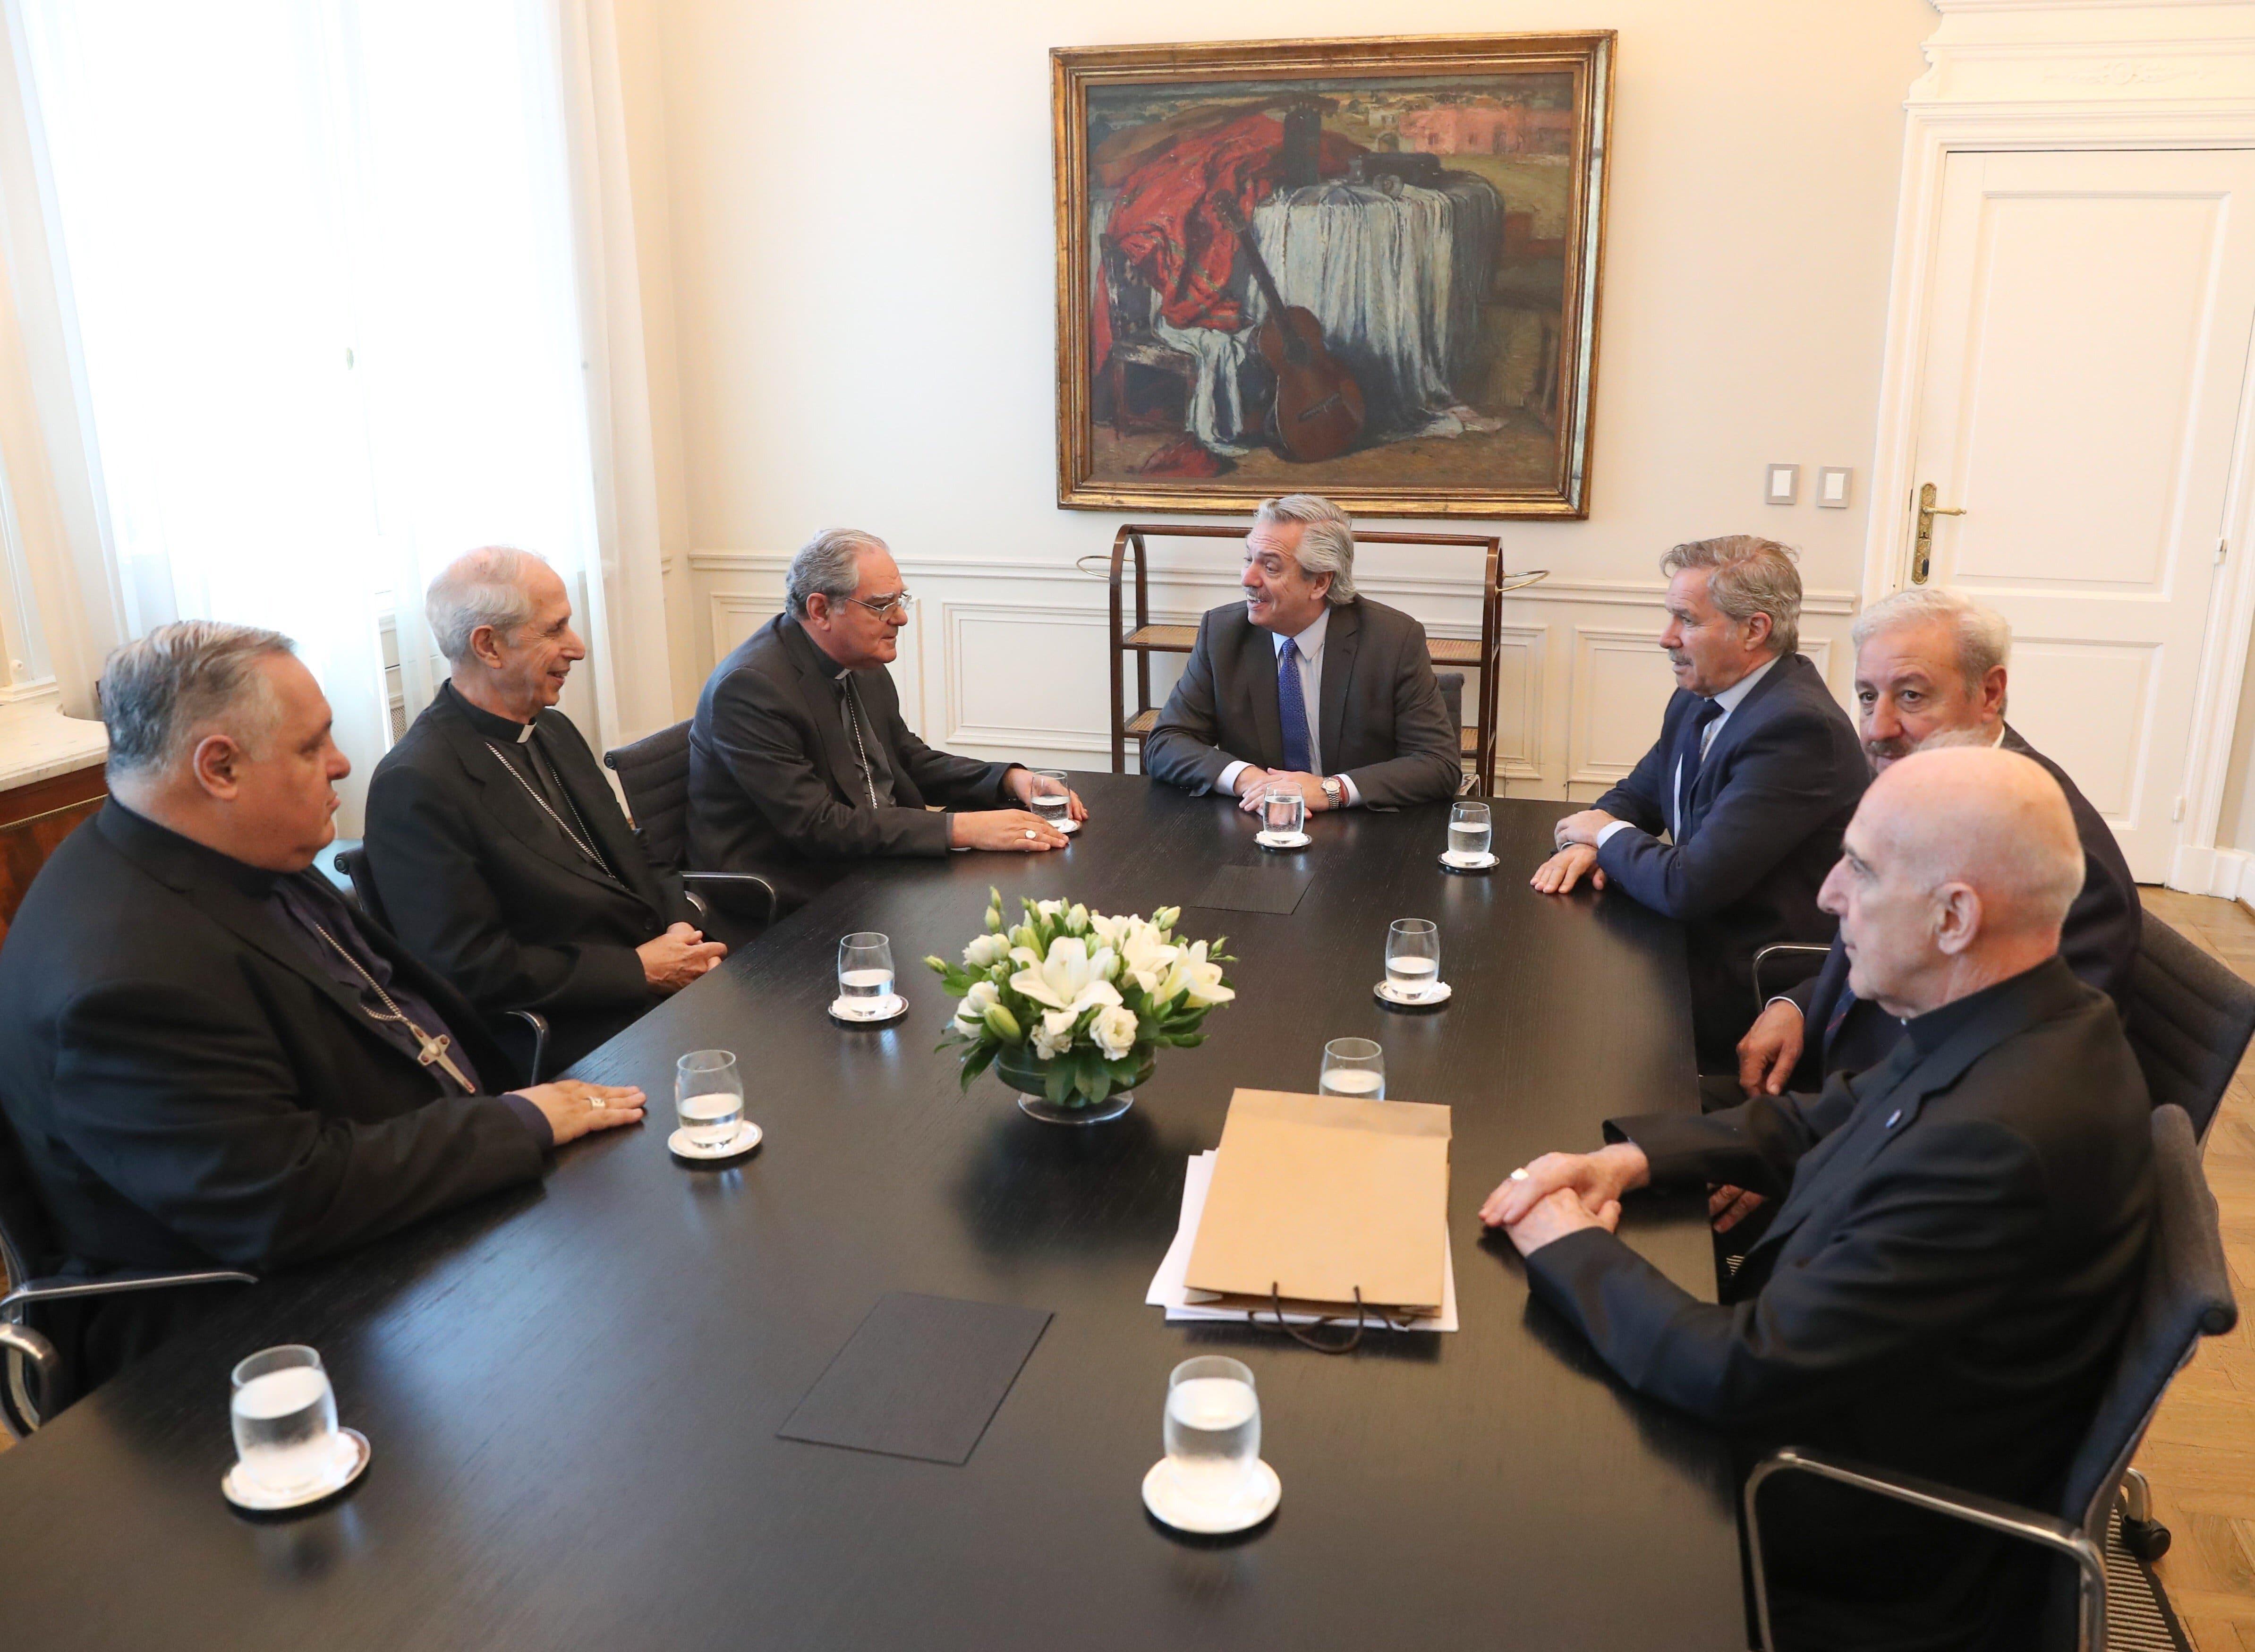 Obispos argentinos con Alberto Fernández